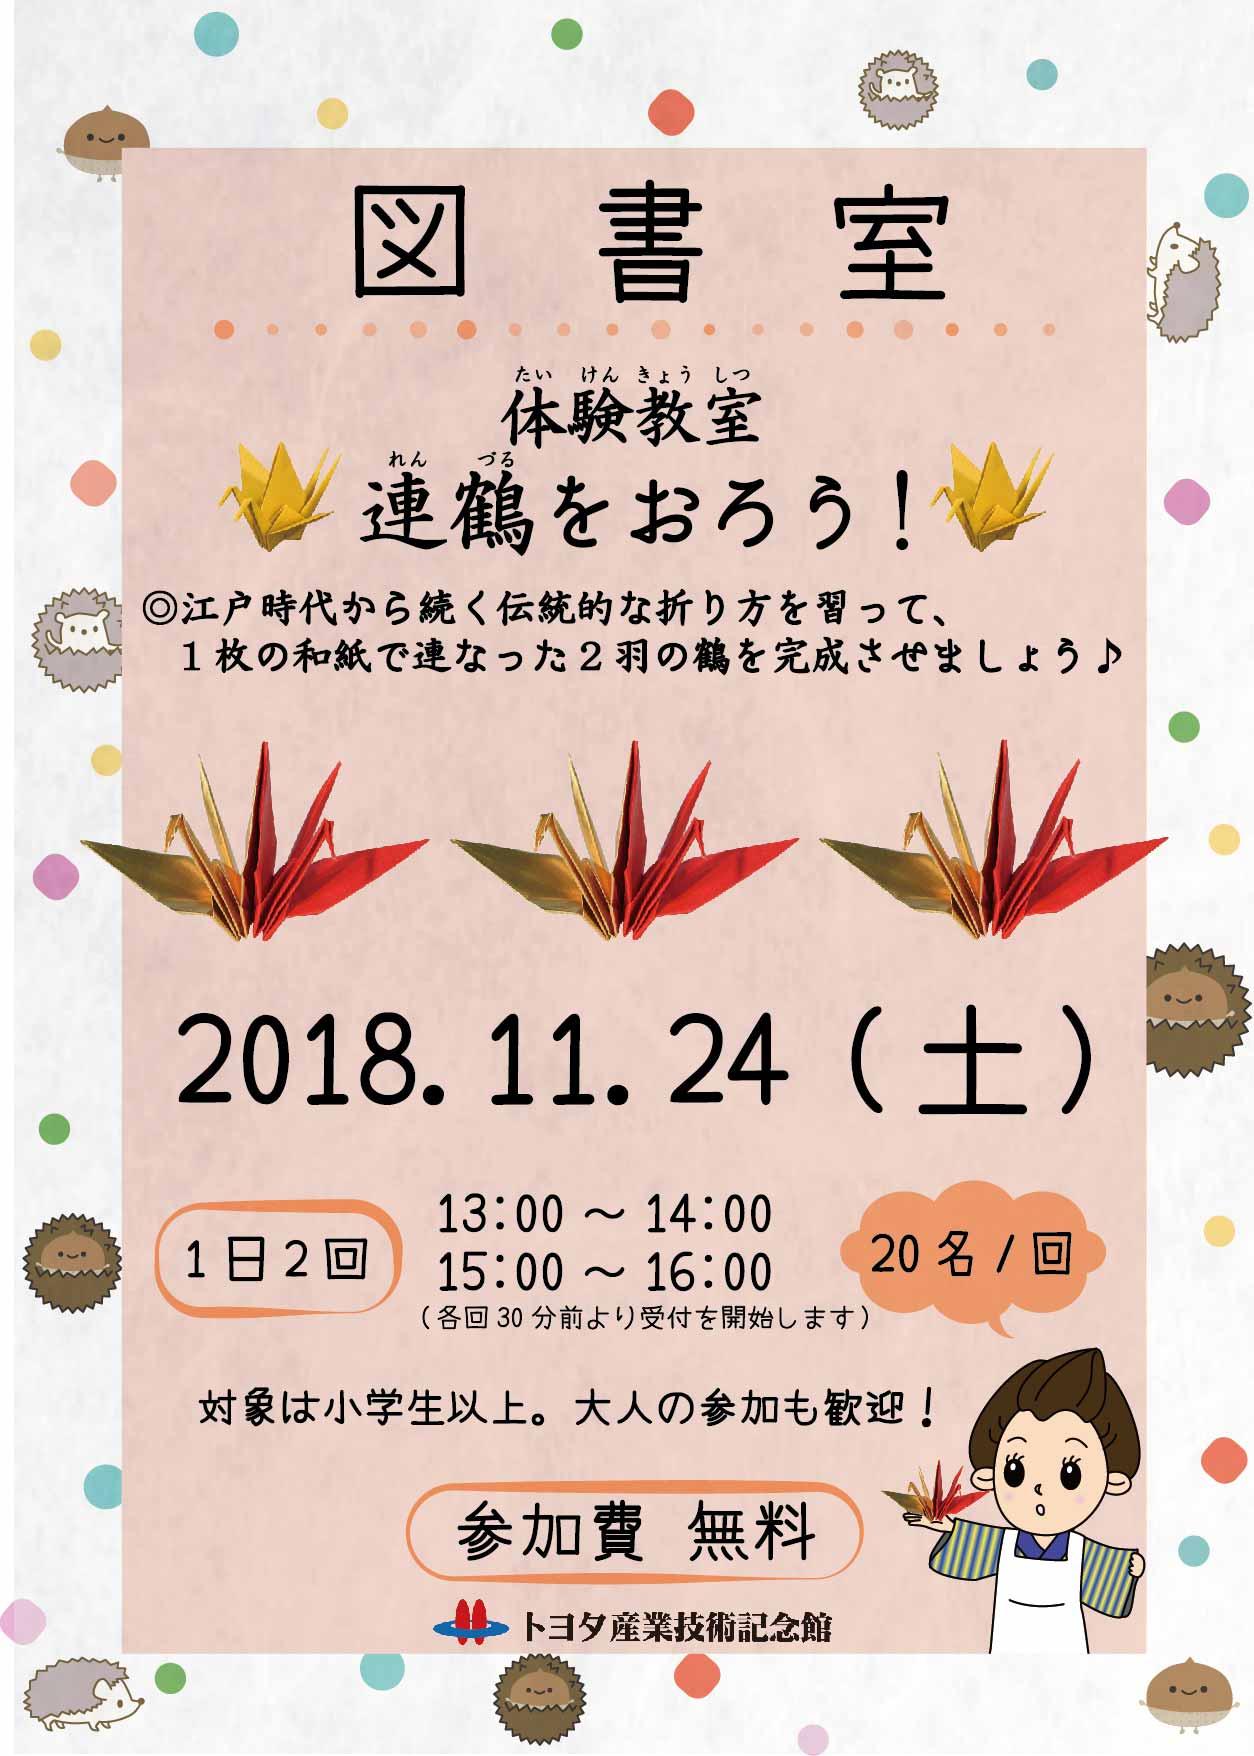 【CS5】1124_連鶴をおろう!ol